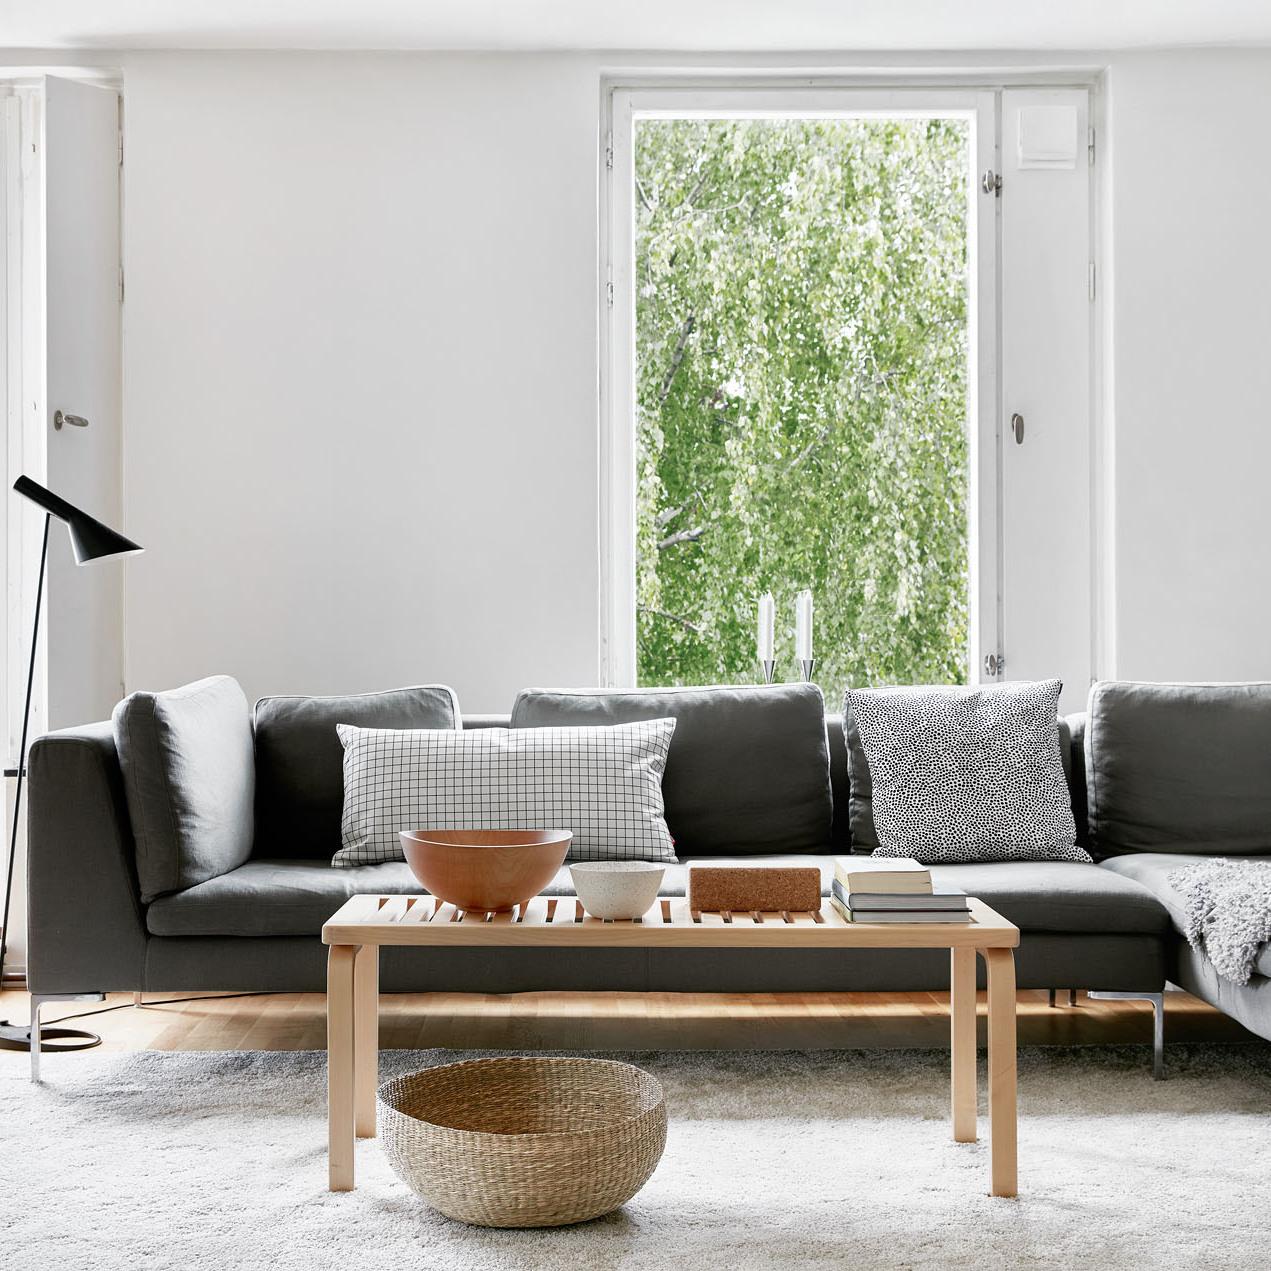 deco scandinave 12 idees pour votre interieur ooreka